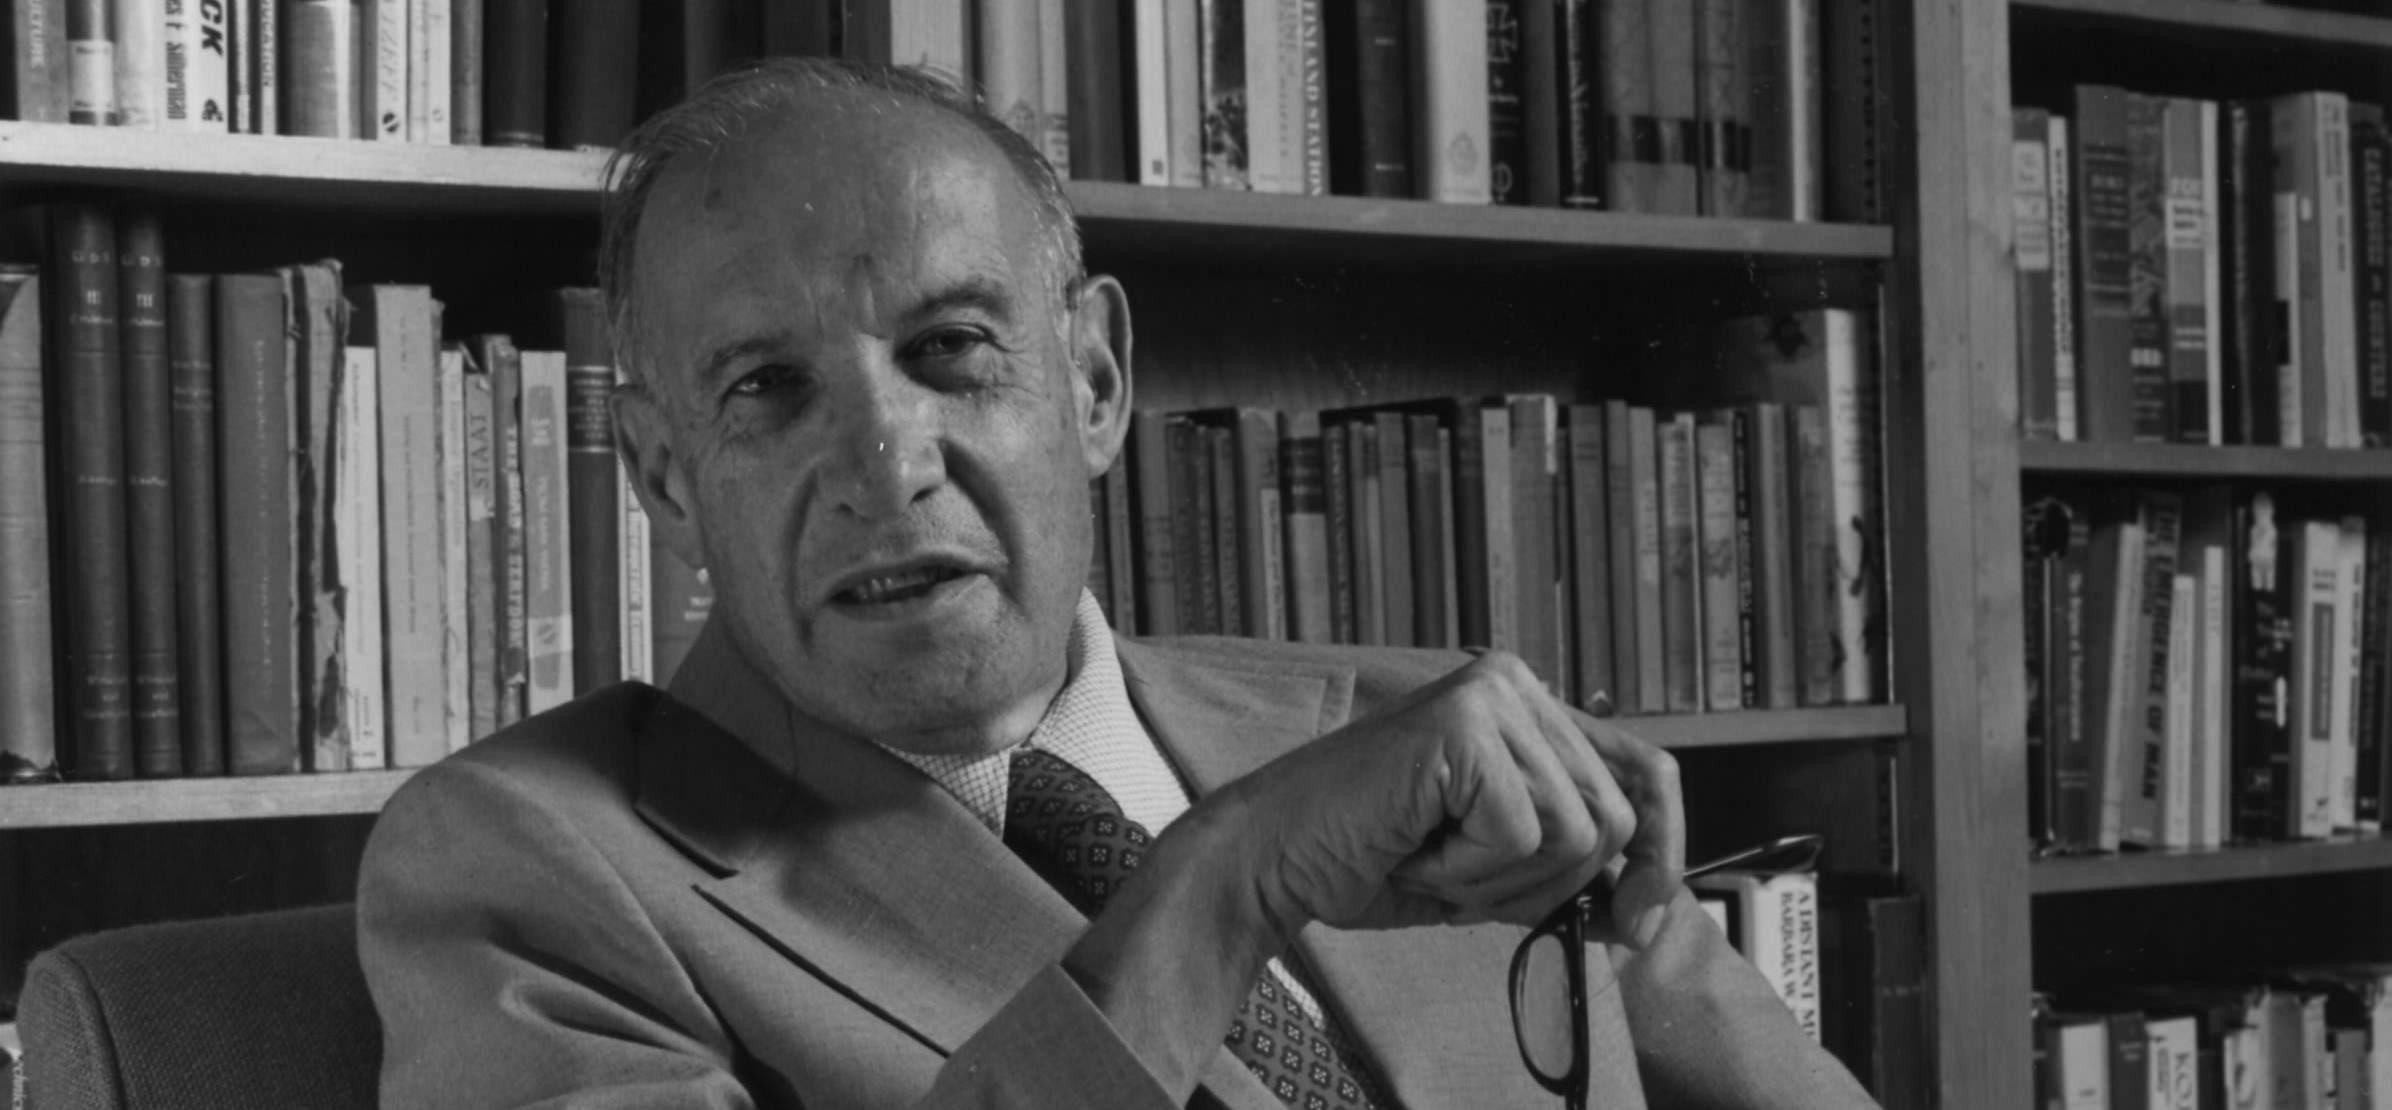 Peter Drucker biography